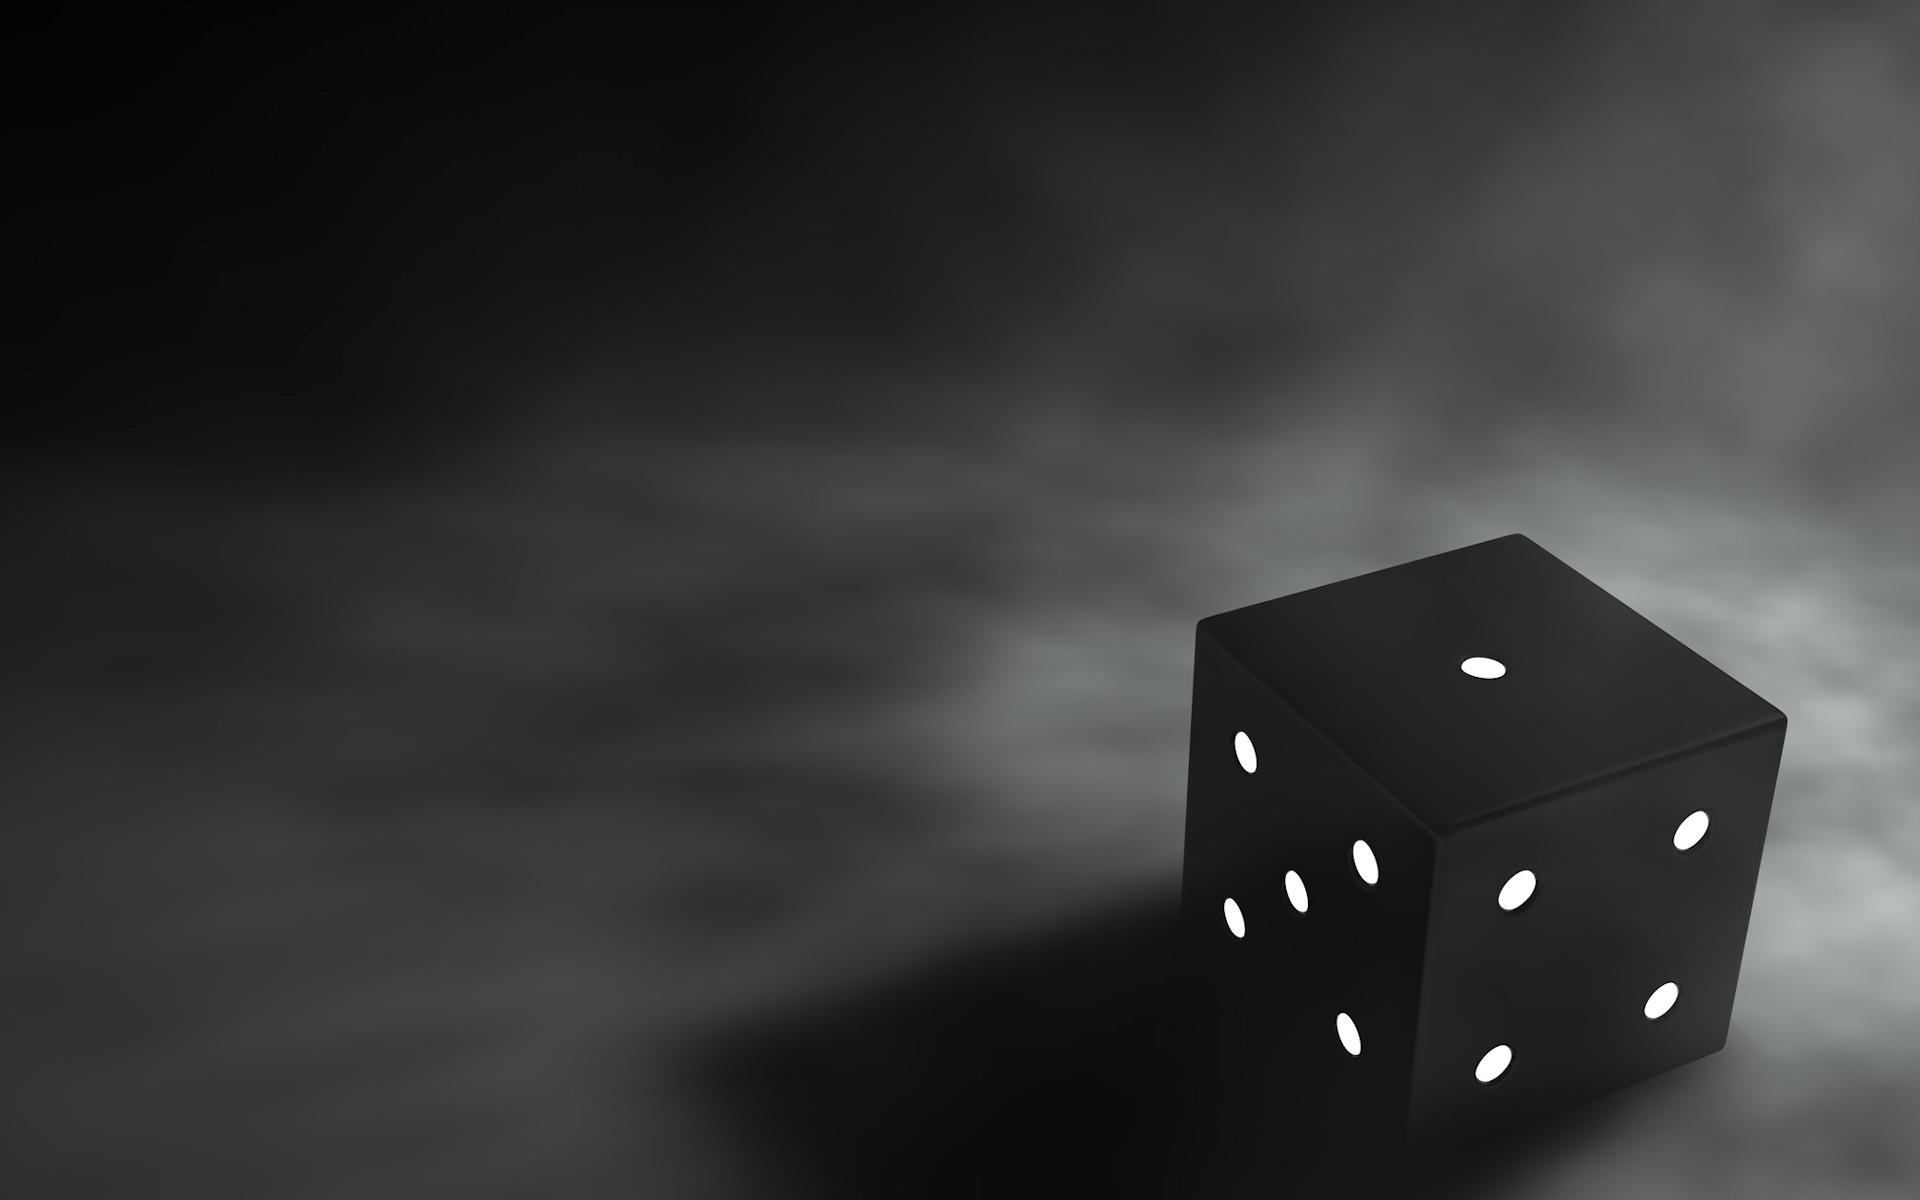 Hình nền đen độc đáo